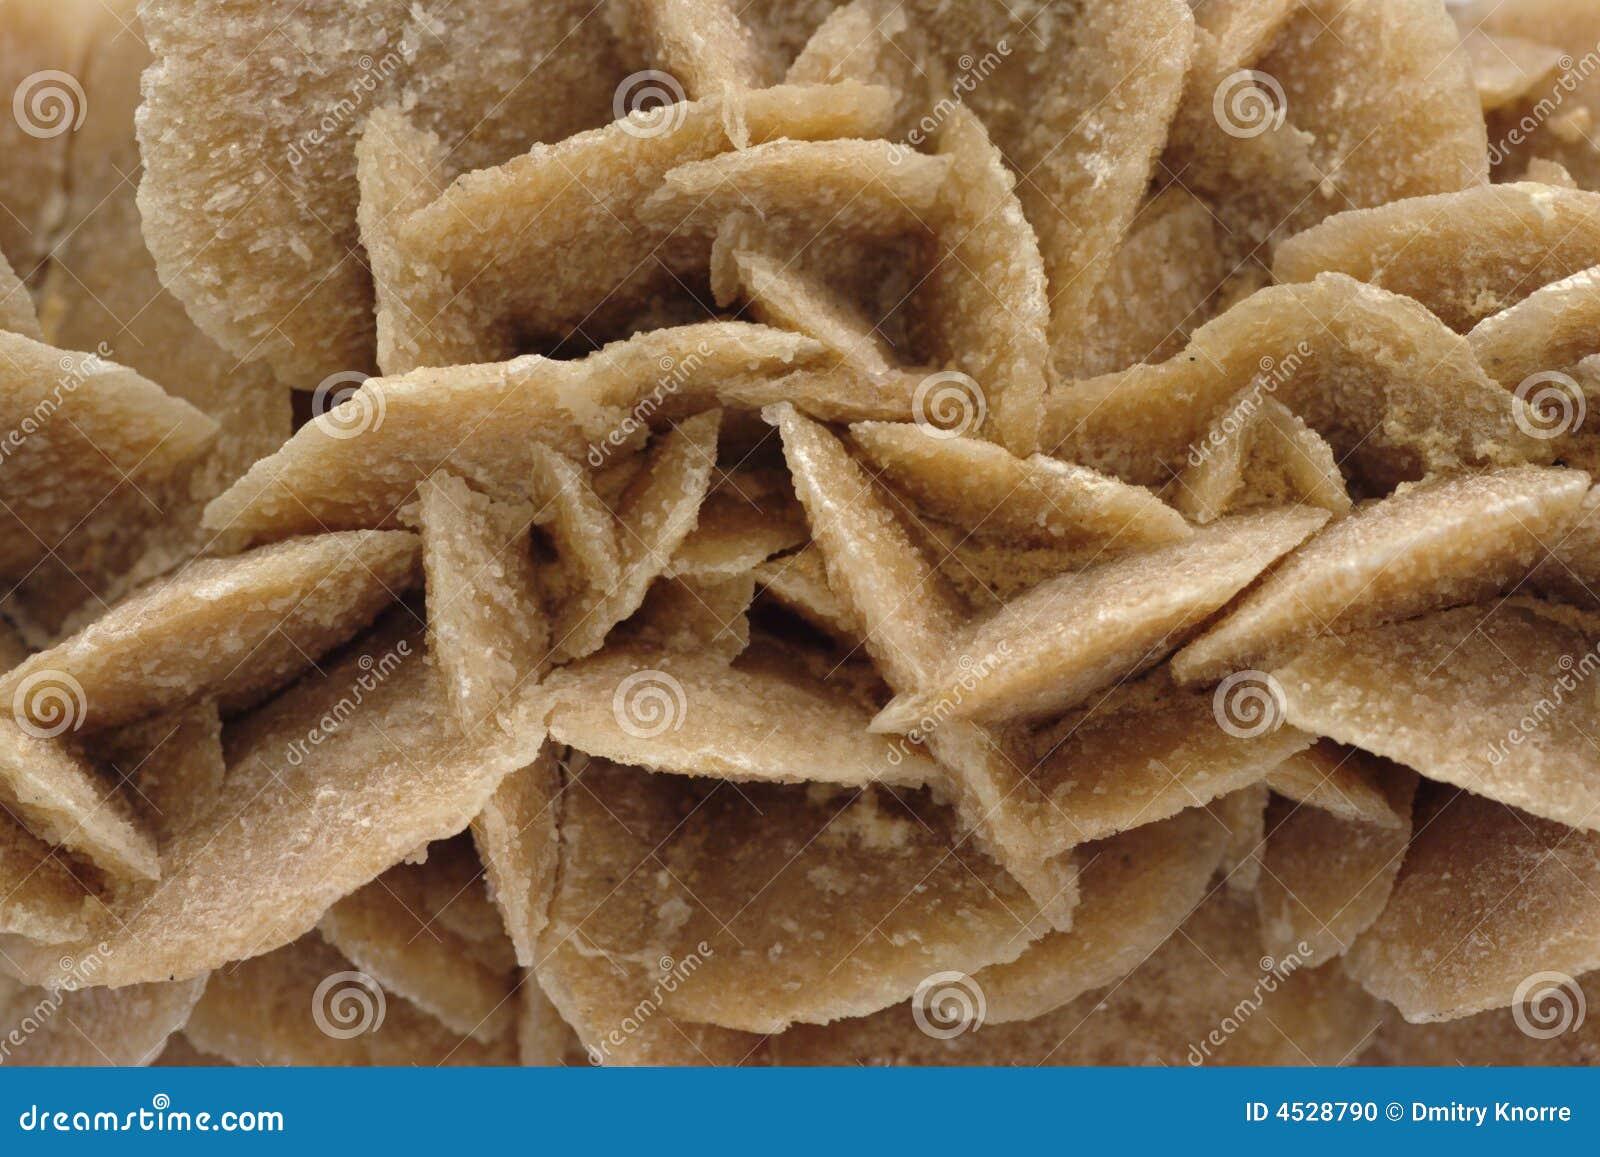 Gypsum (sand rose) texture